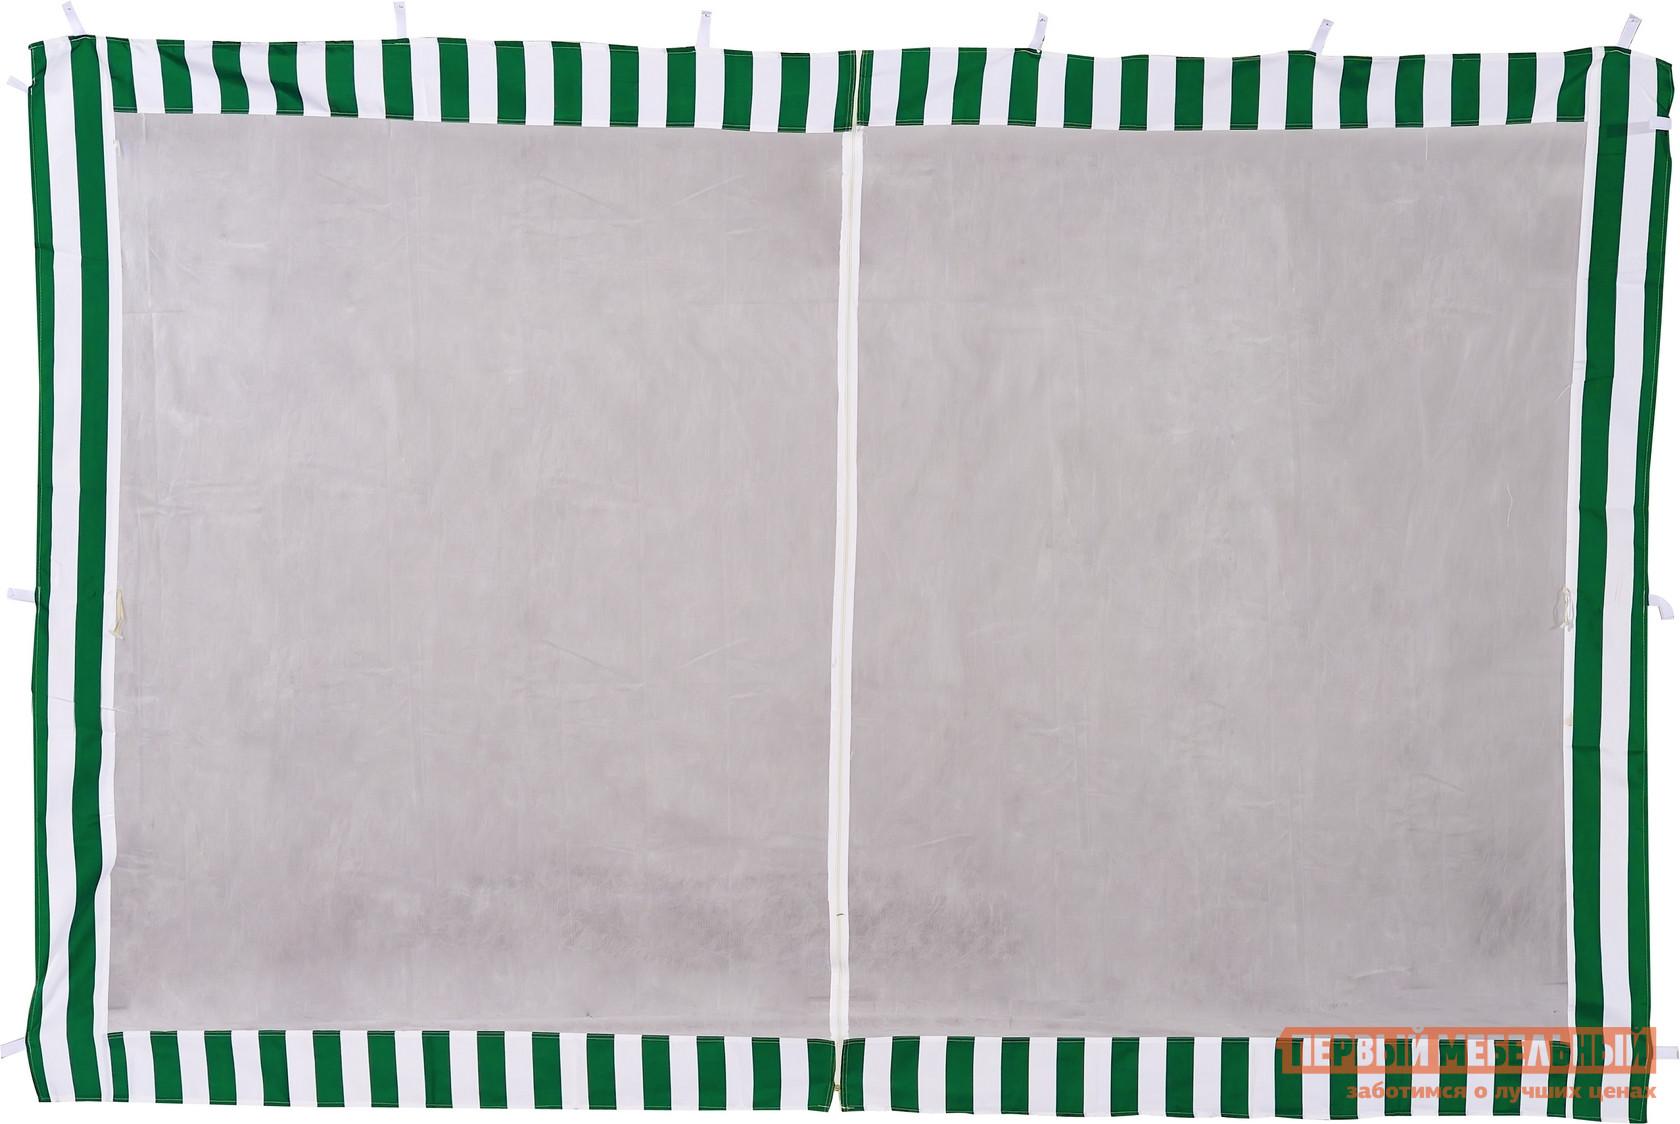 Купить со скидкой Аксессуар Green Glade Стенка с москитной сеткой Зеленый